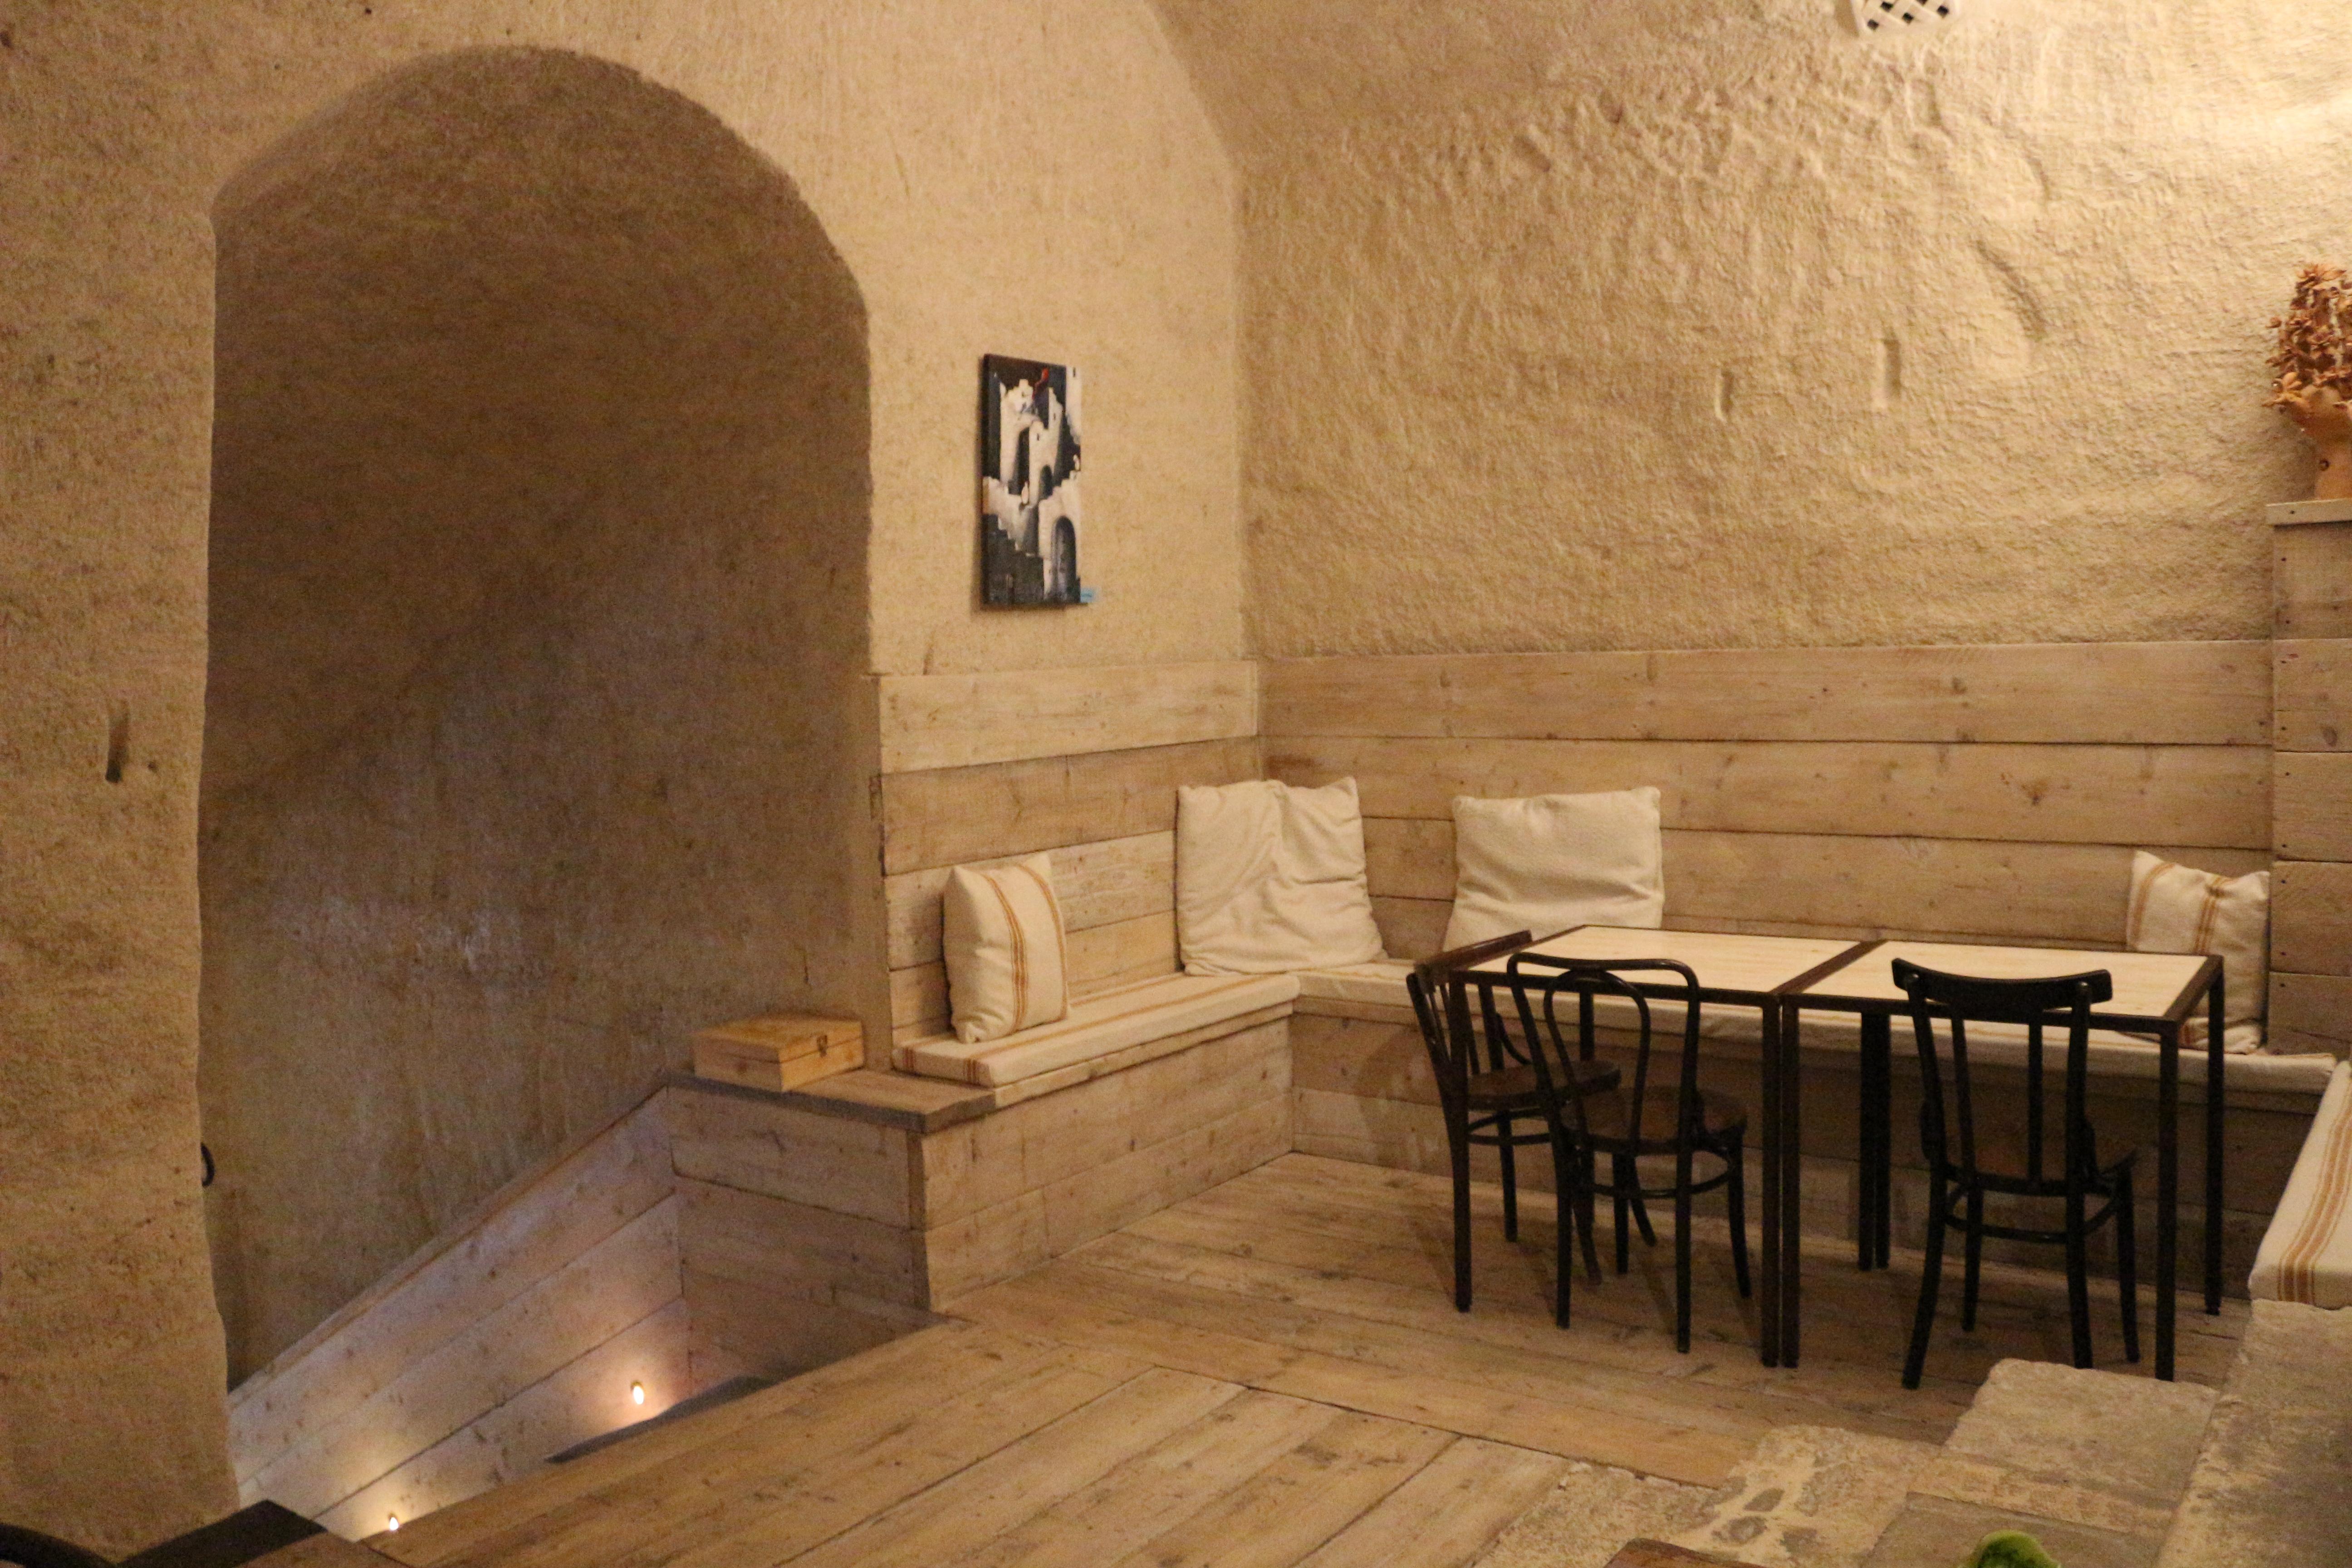 la-lopa-ristorante-pub-aperitivi-stuzzicheria-wine-bar-happy-hour-sassi-di-matera-basilicata652